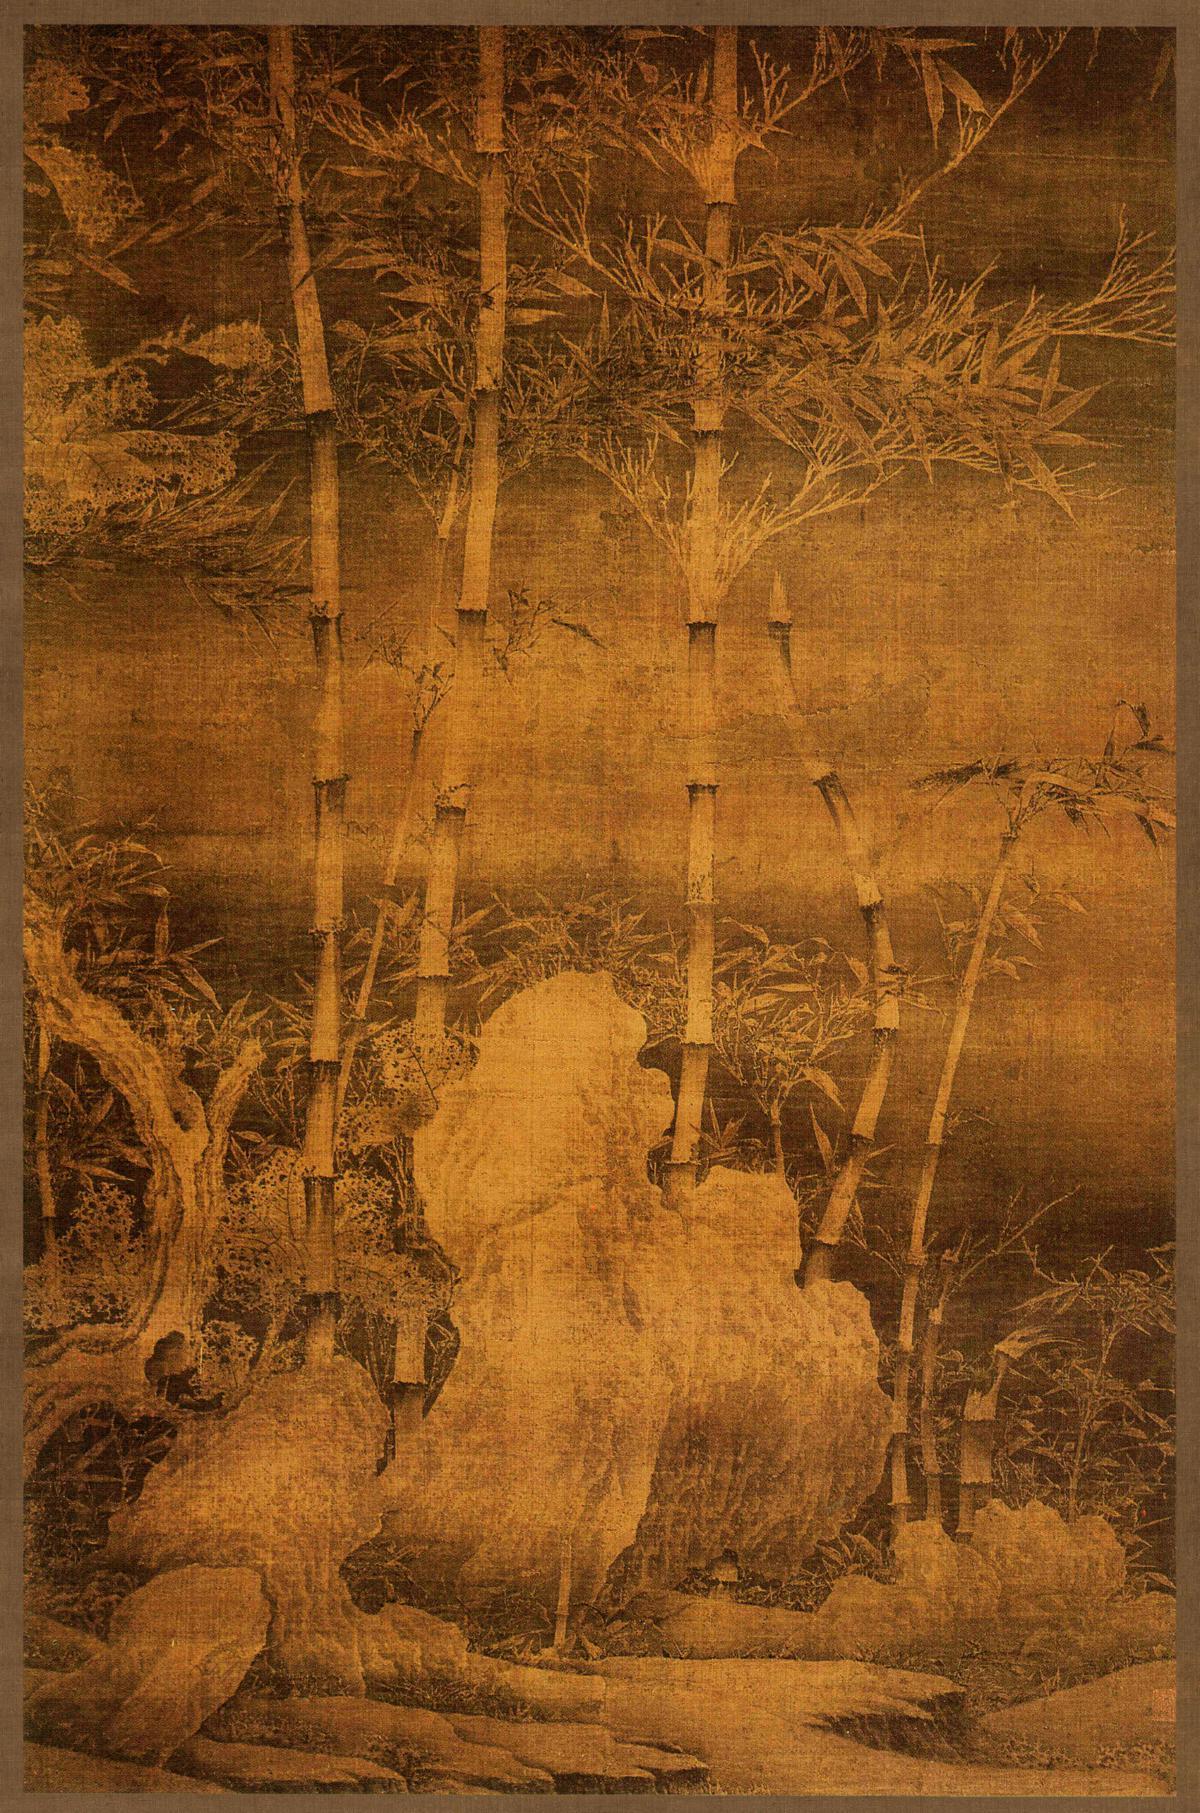 五代 徐熙·雪竹图38x25